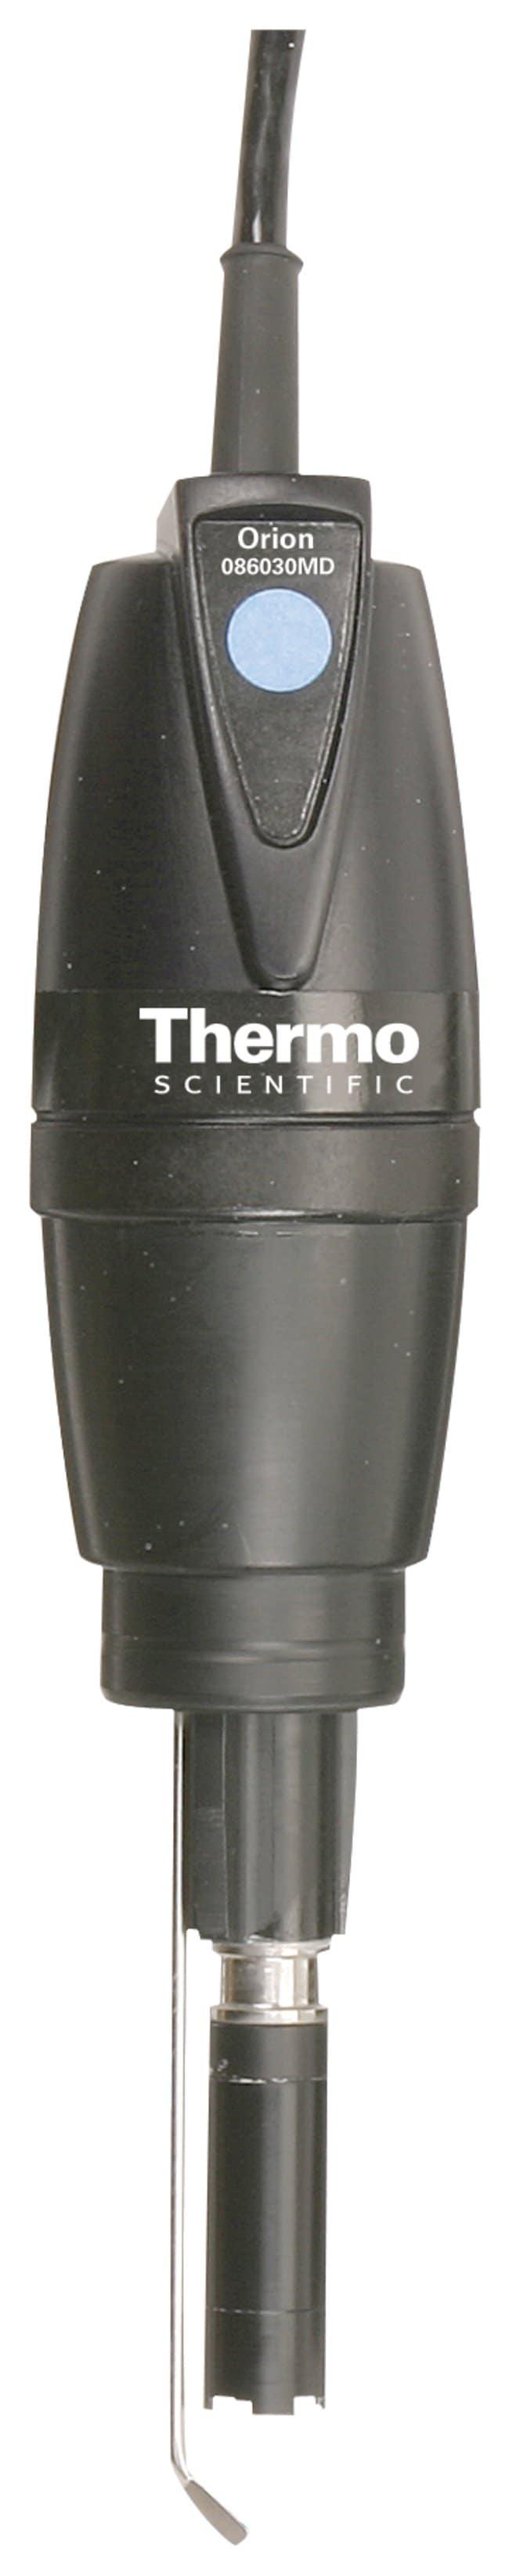 Thermo Scientific™Orion™ AUTO-STIR™ BOD Probe